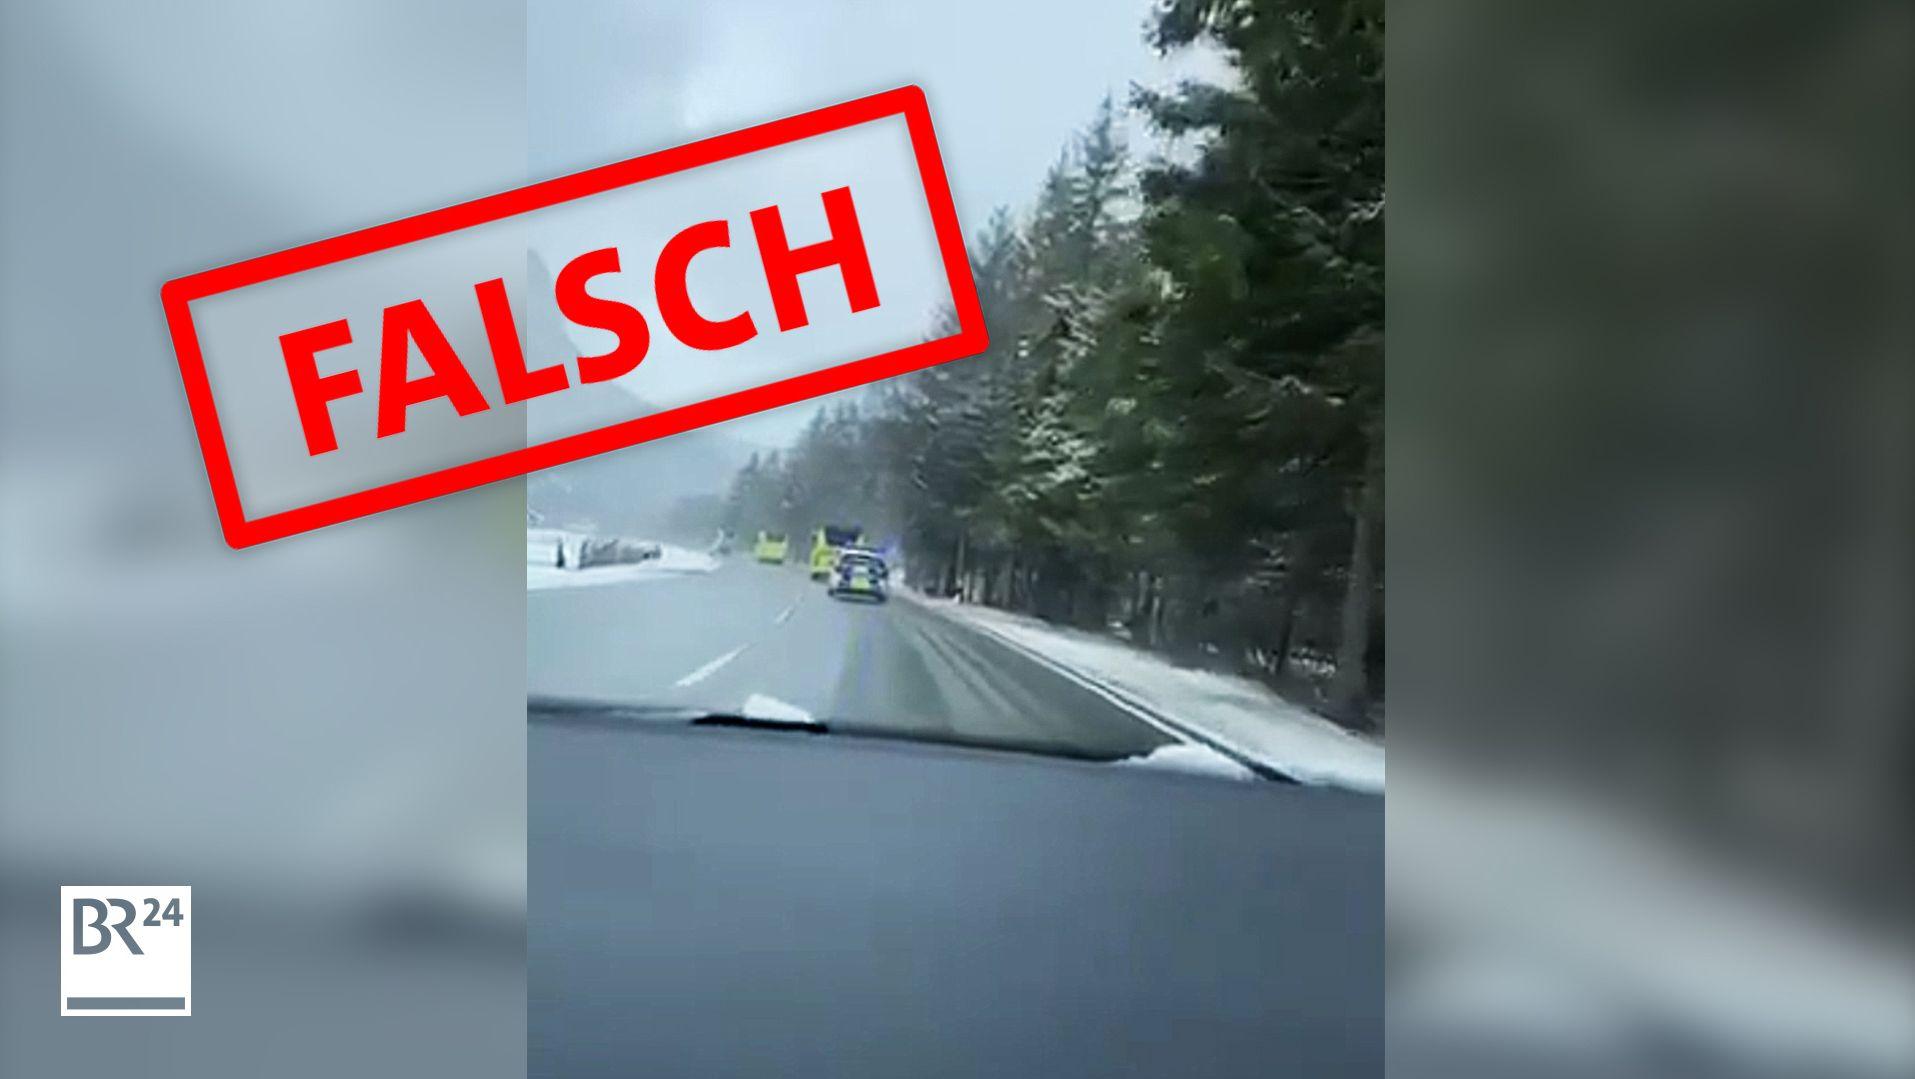 Am Montag wurden deutsche Saisonarbeiter aus Tirol in Bussen zurück nach Deutschland gebracht. In einem Video wird etwas anderes behauptet.